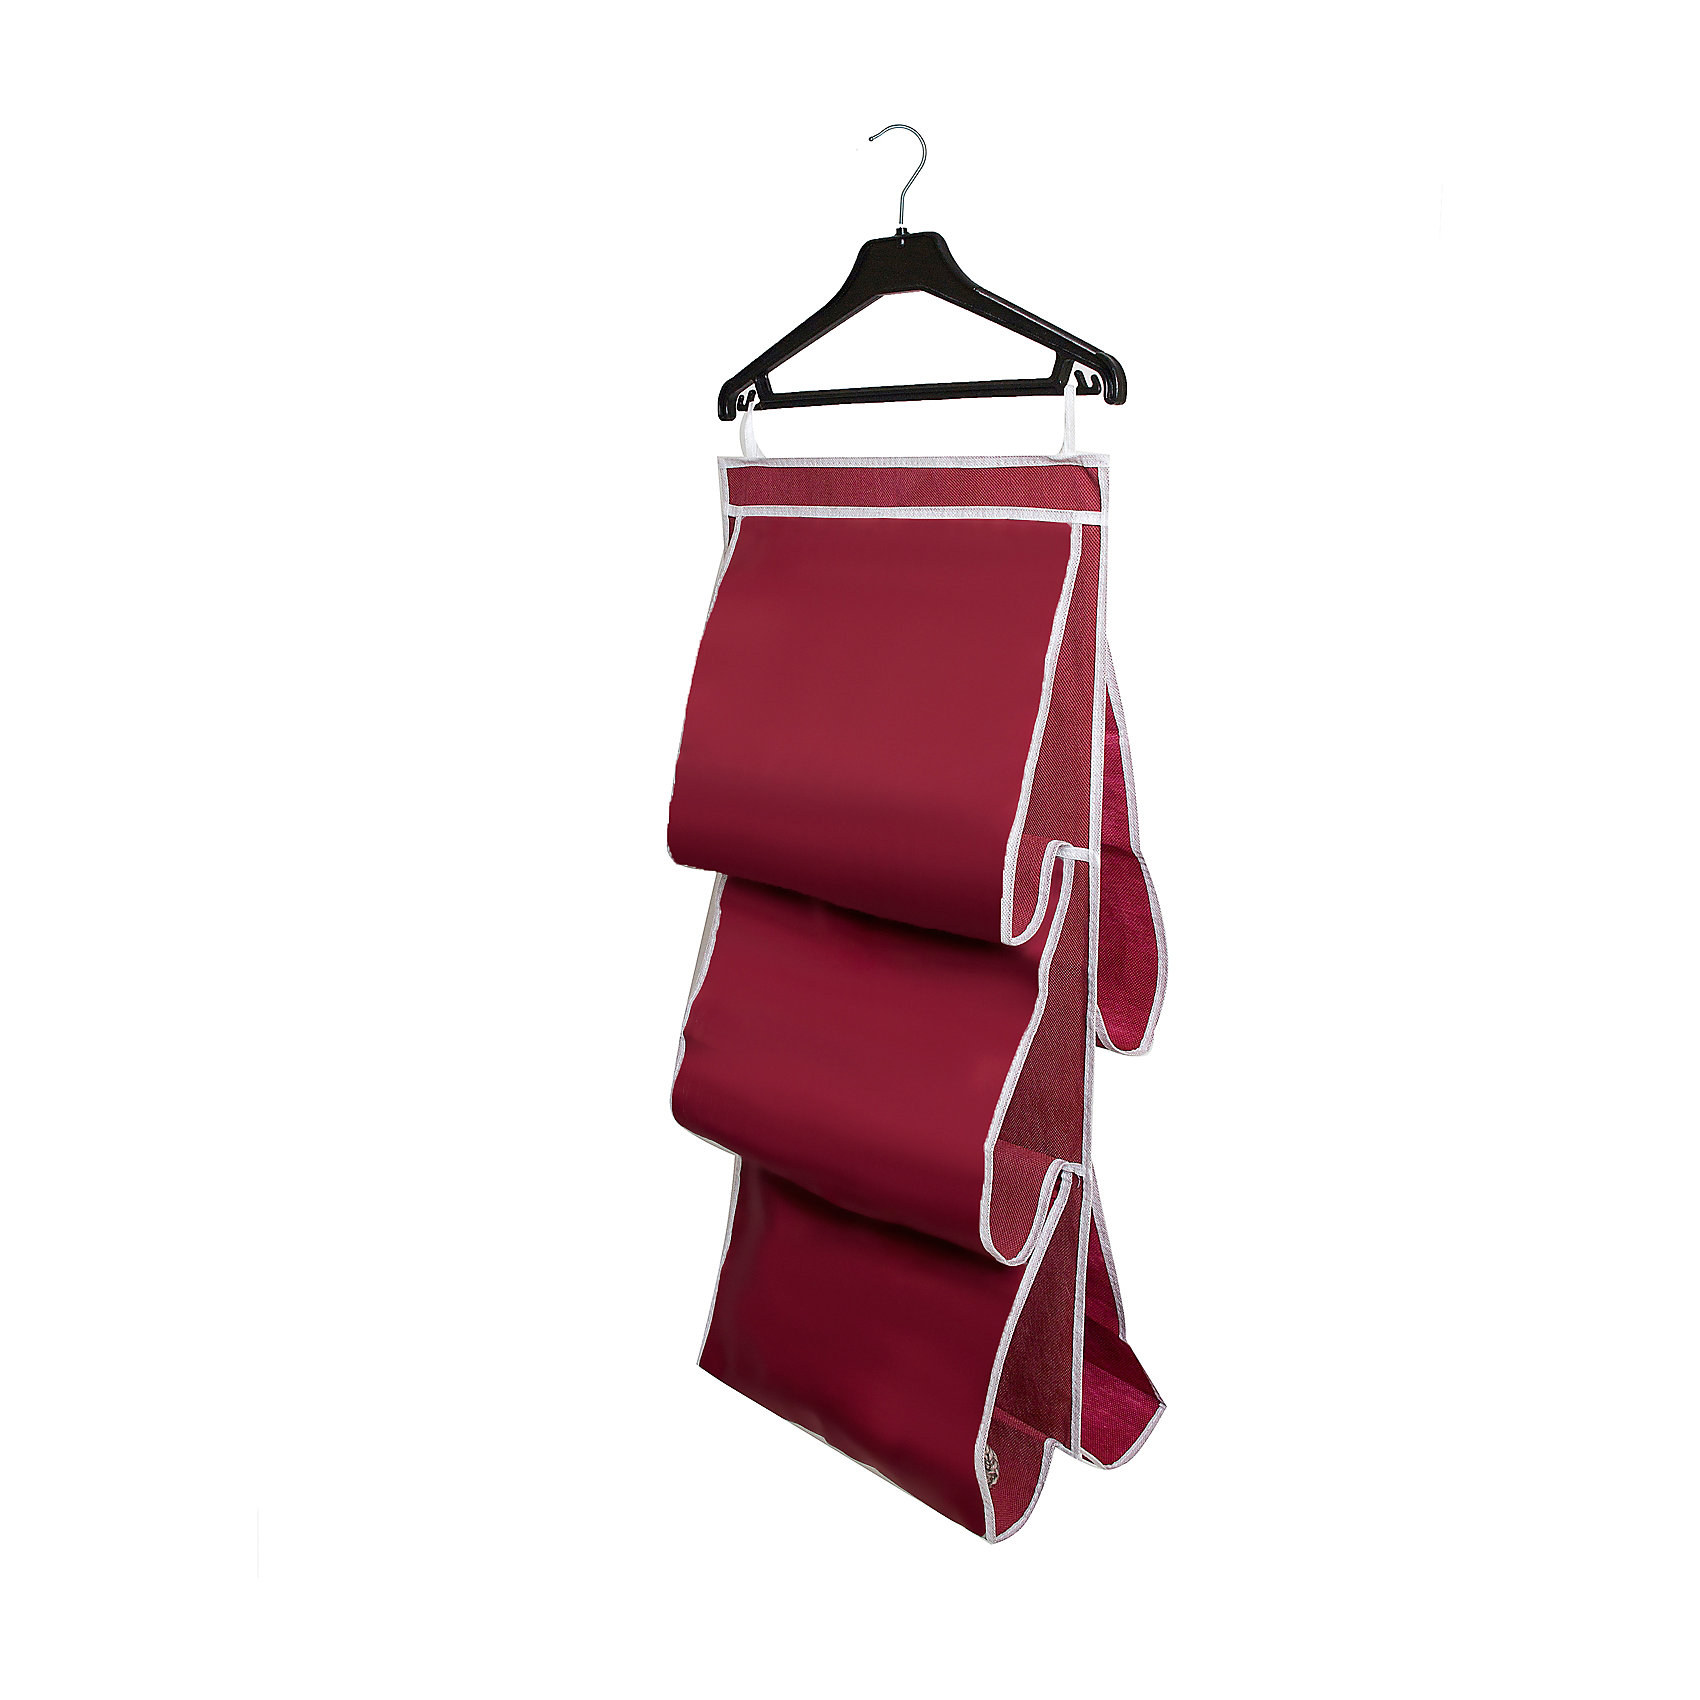 Органайзер для сумок в шкаф Red Rose, HomsuПорядок в детской<br>Характеристики товара:<br><br>• цвет: бордовый<br>• материал: полиэстер<br>• размер: 70х40х2 см.<br>• вес: 300 гр.<br>• застежка: молния<br>• крепление: крючок<br>• ручка для переноски<br>• вместимость: 5 отделений<br>• страна бренда: Россия<br>• страна изготовитель: Китай<br><br>Органайзер для сумок в шкаф Red Rose, Homsu (Хомсу) - очень удобная вещь для хранения вещей и эргономичной организации пространства.<br><br>Он состоит из пяти отделений, легко крепится на стену, дверь или внутрь шкафов.<br><br>Органайзер для сумок в шкаф Red Rose, Homsu можно купить в нашем интернет-магазине.<br><br>Ширина мм: 450<br>Глубина мм: 300<br>Высота мм: 20<br>Вес г: 300<br>Возраст от месяцев: 216<br>Возраст до месяцев: 1188<br>Пол: Унисекс<br>Возраст: Детский<br>SKU: 5620235